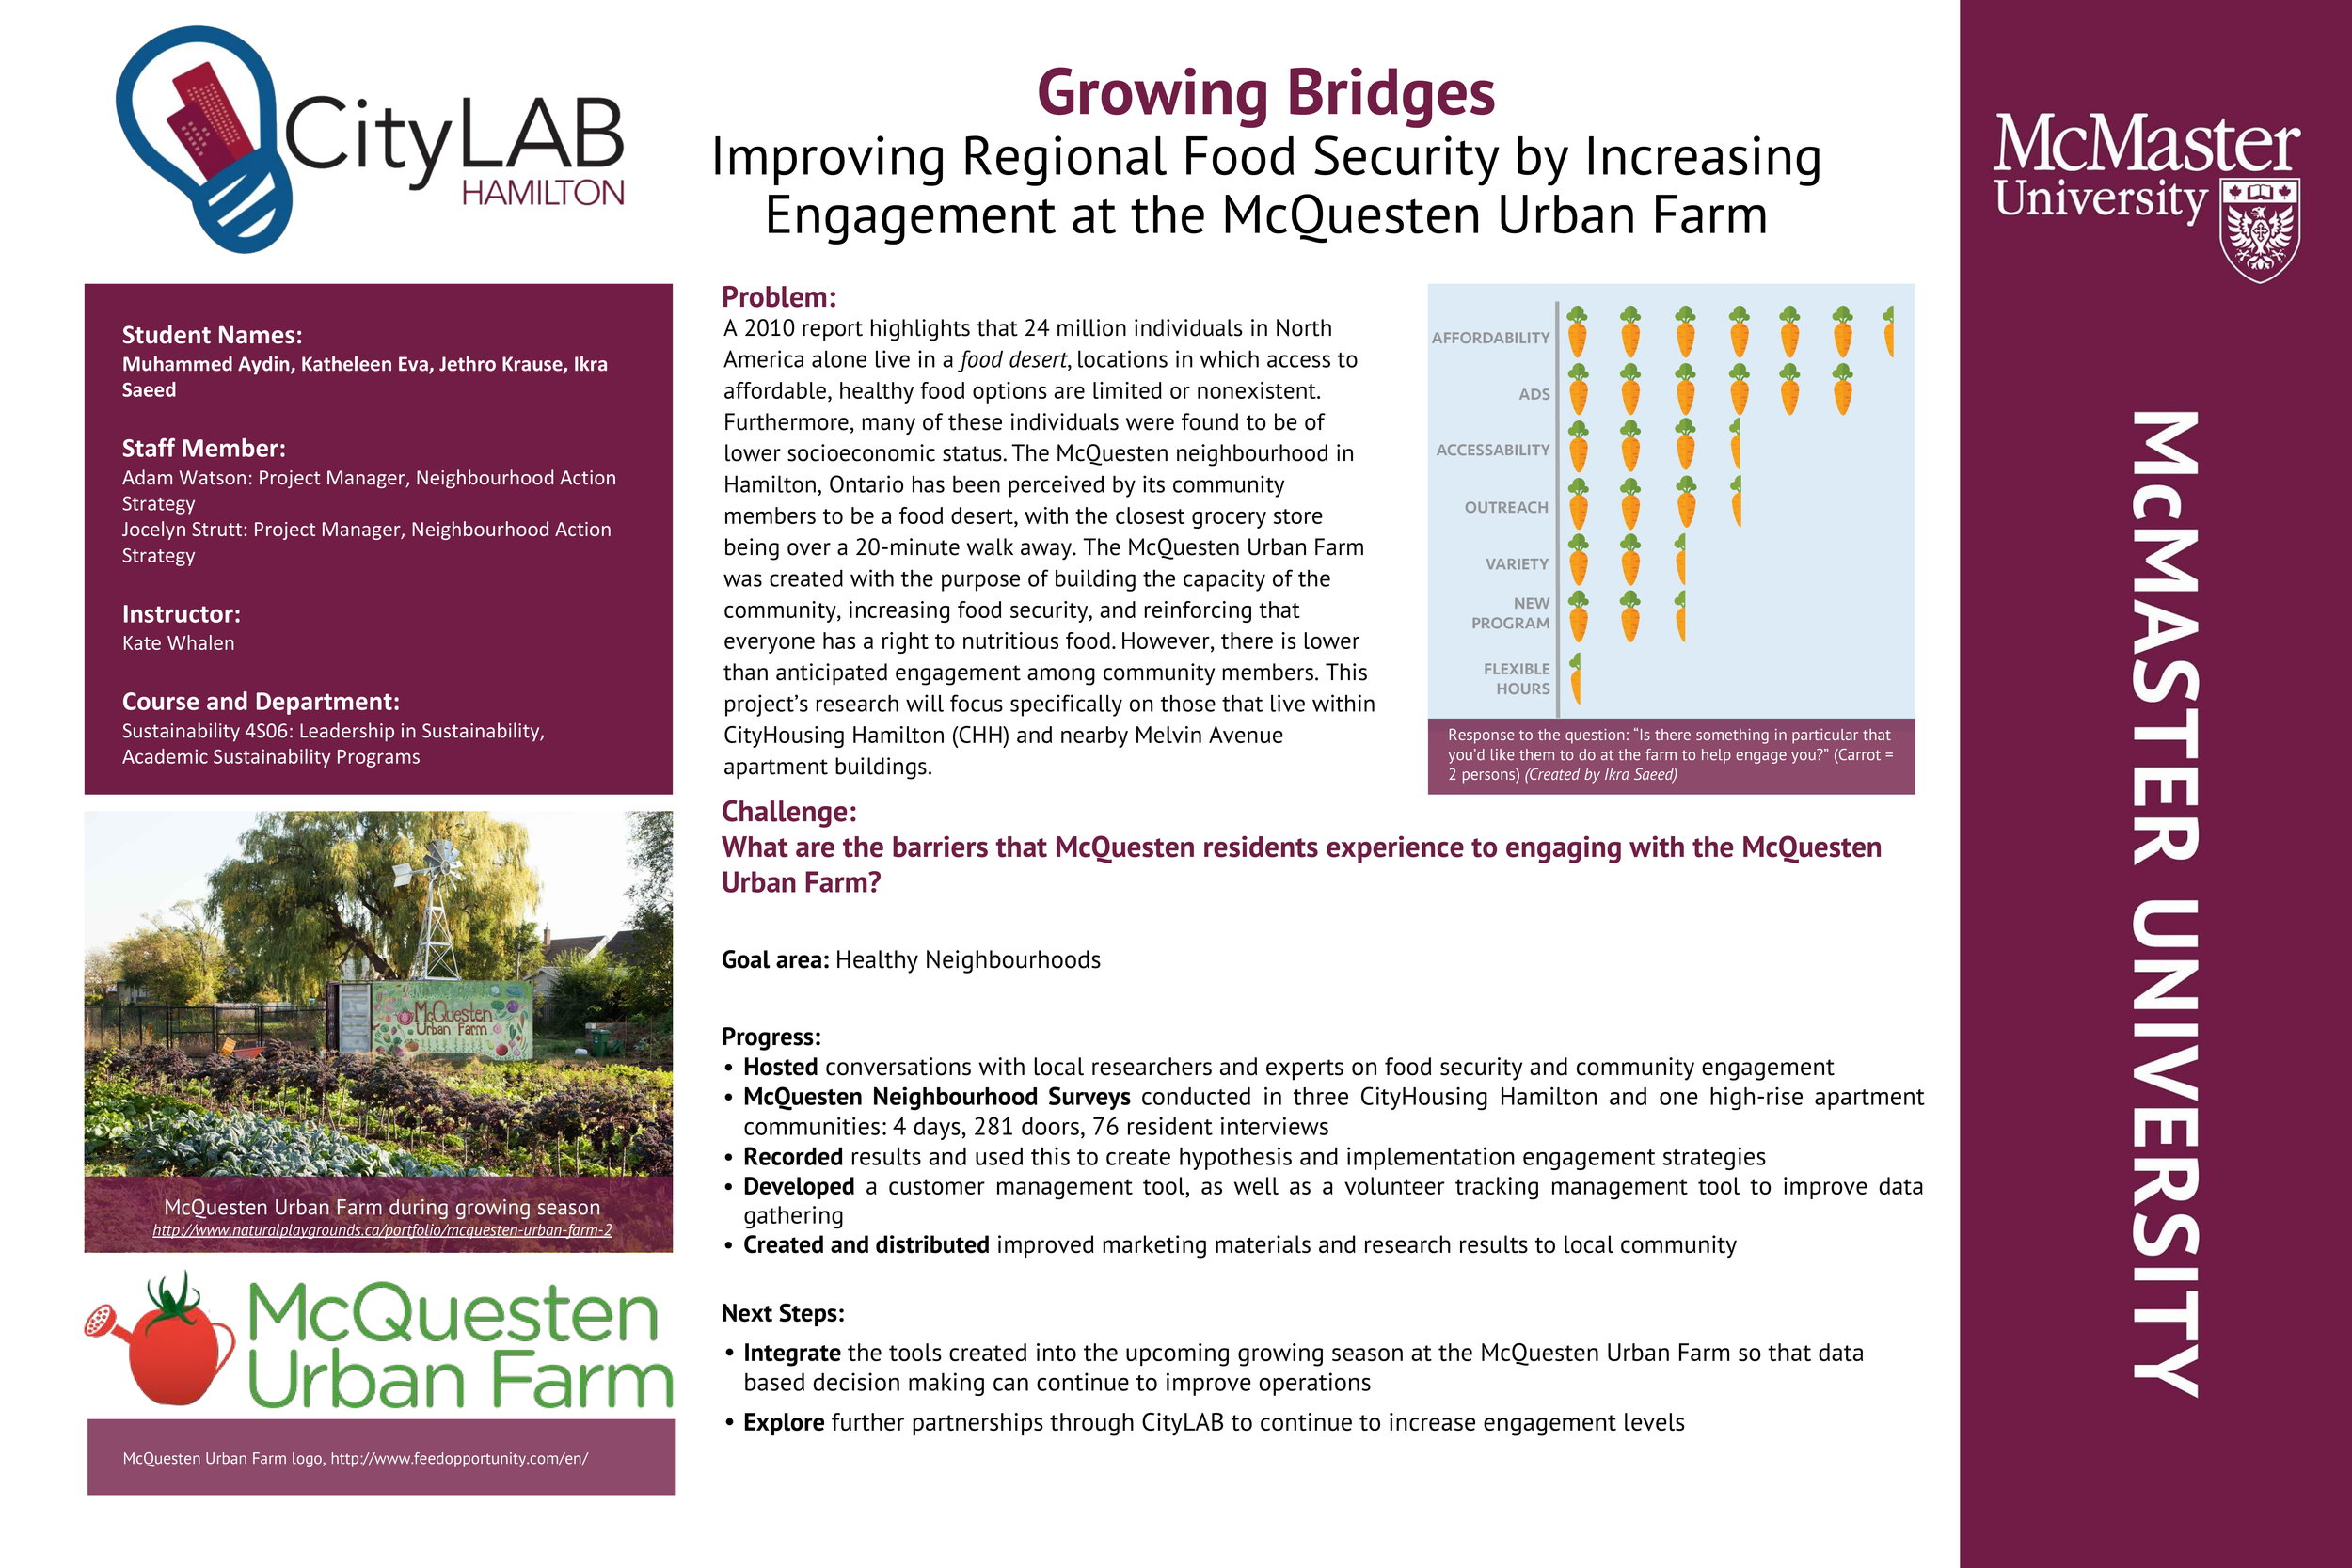 Growing Bridges poster-1.jpg